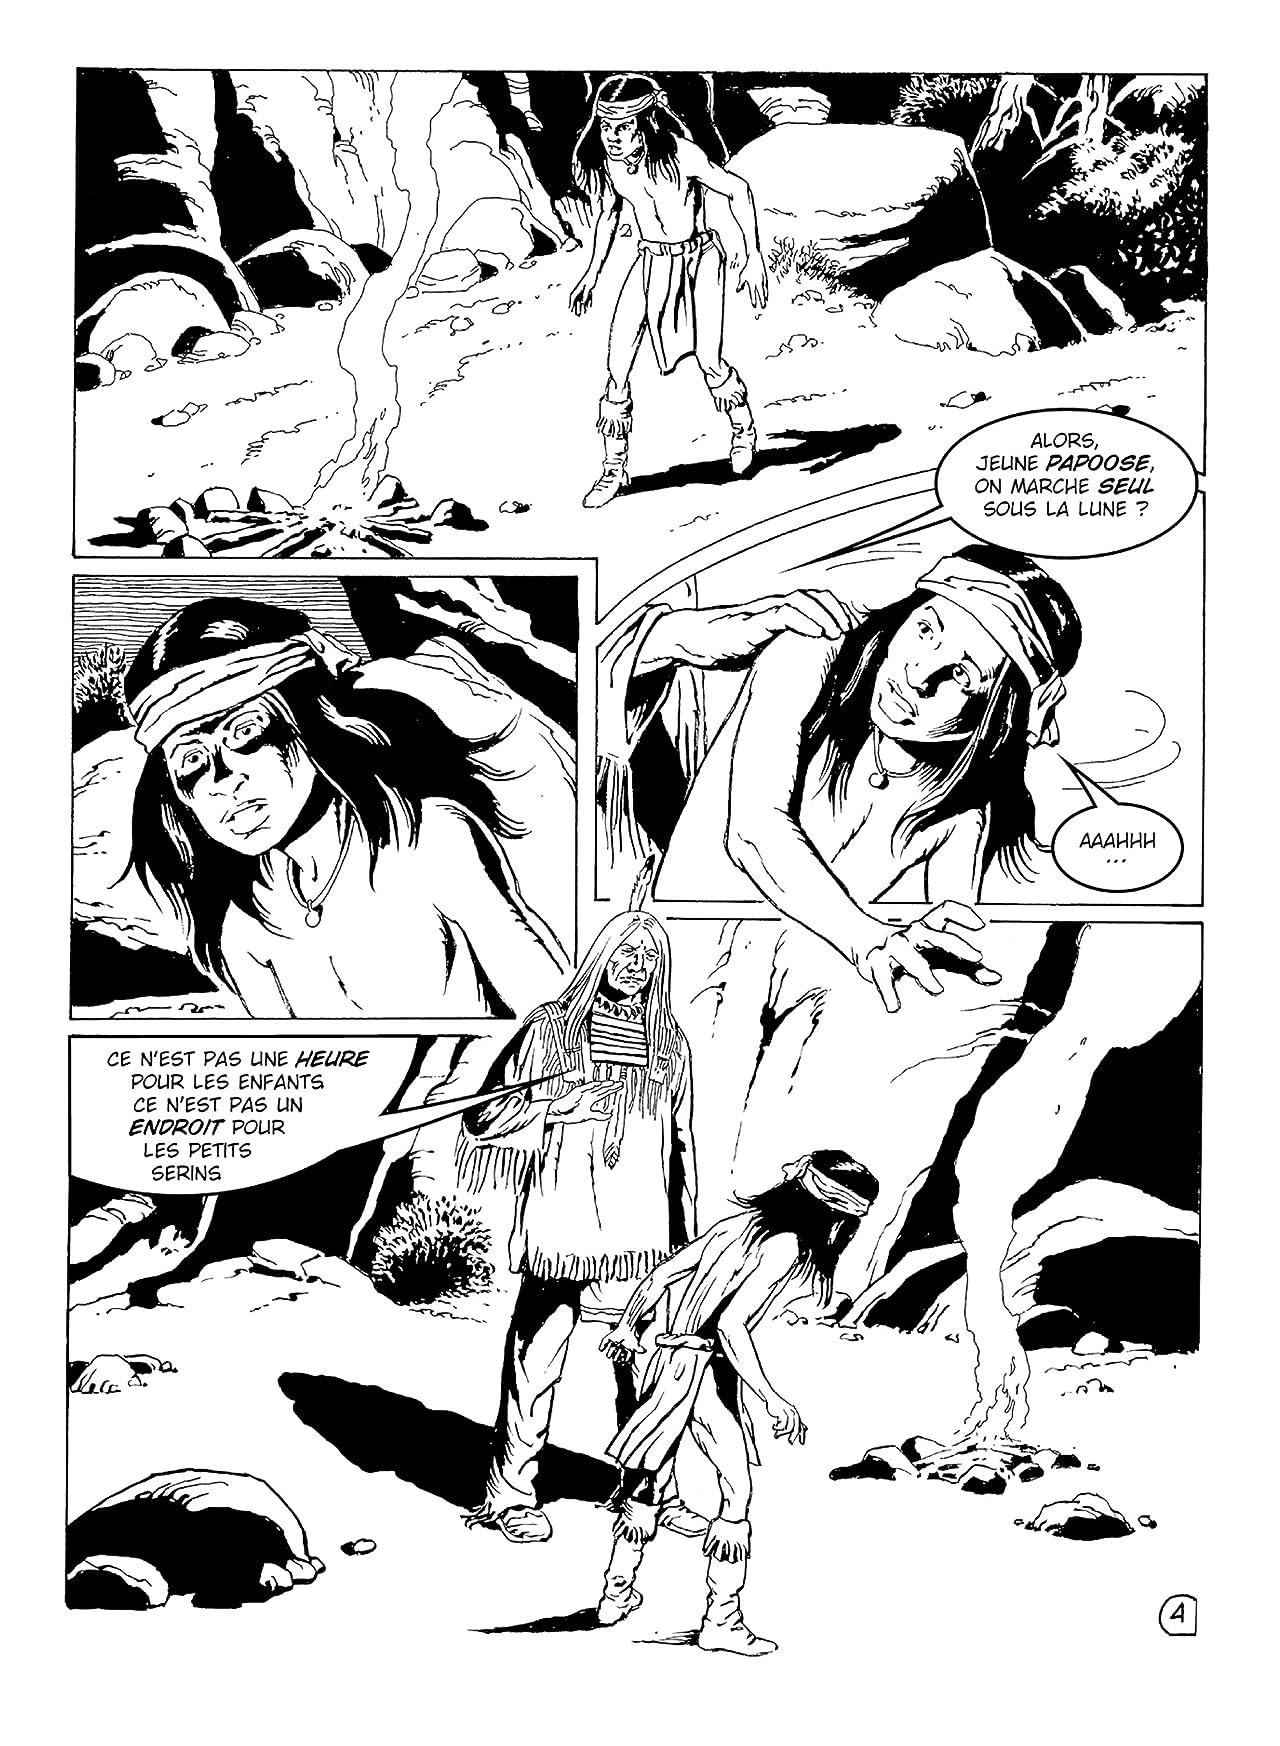 WA-TAN-PEH Vol. 1: Le Vieux Shaman